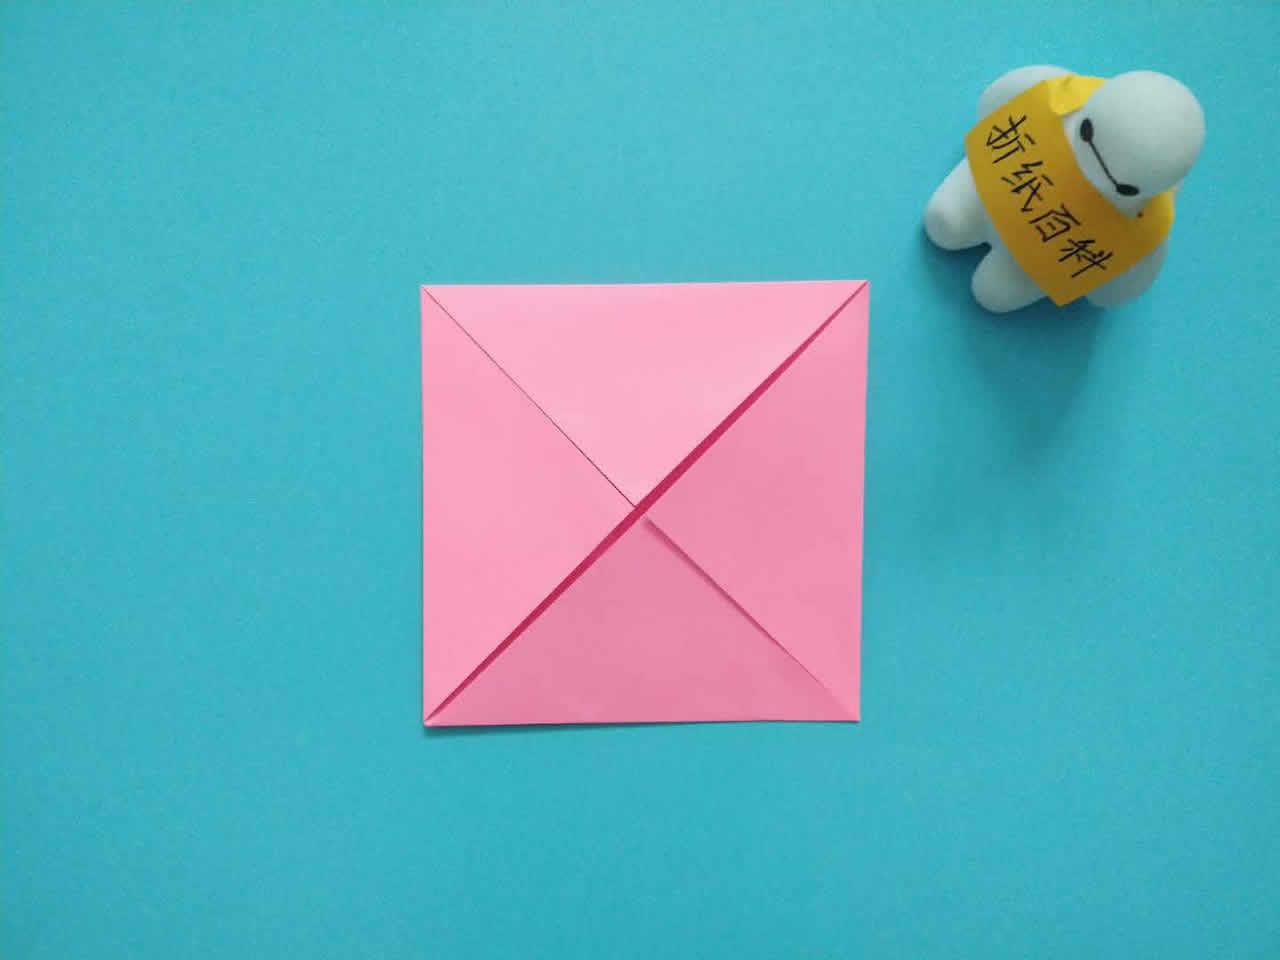 教你折纸方形带盖礼品收纳盒,简单又漂亮,手工折纸图解教程 家务 第2张